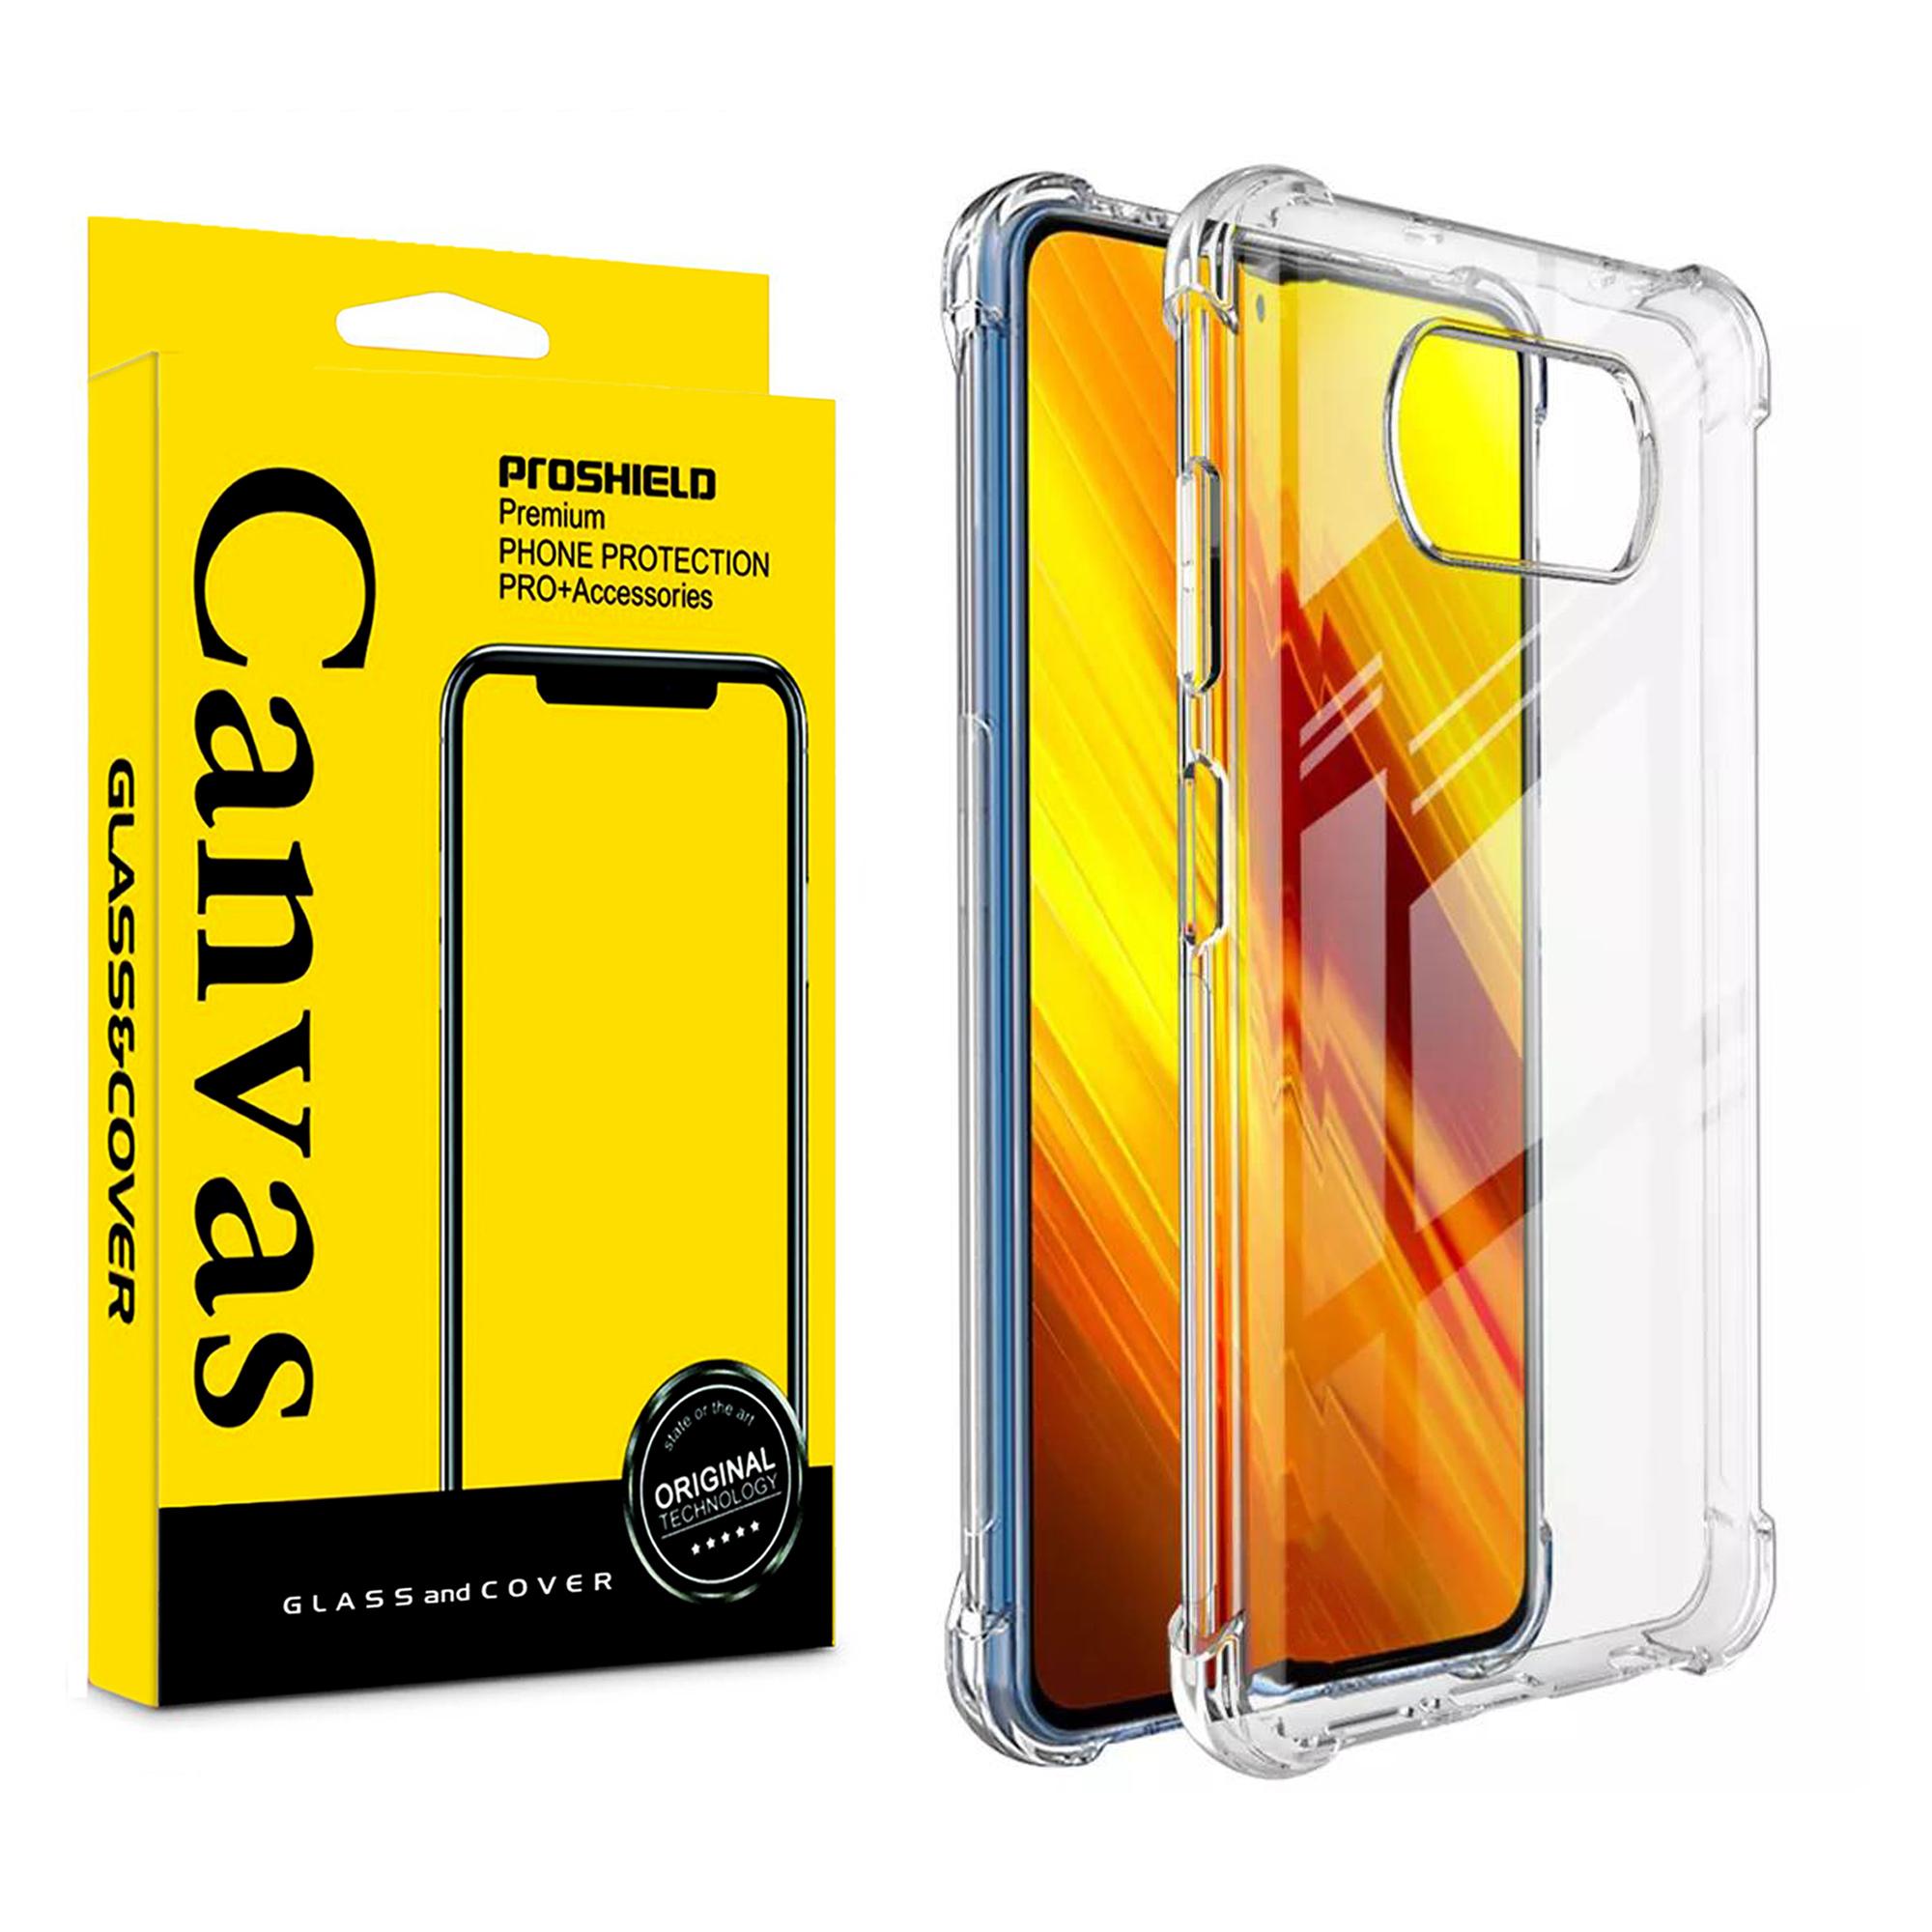 خرید اینترنتی [با تخفیف] کاور کانواس مدل 2 SUNRISE مناسب برای گوشی موبایل شیائومی Mi POCO X3 NFC اورجینال